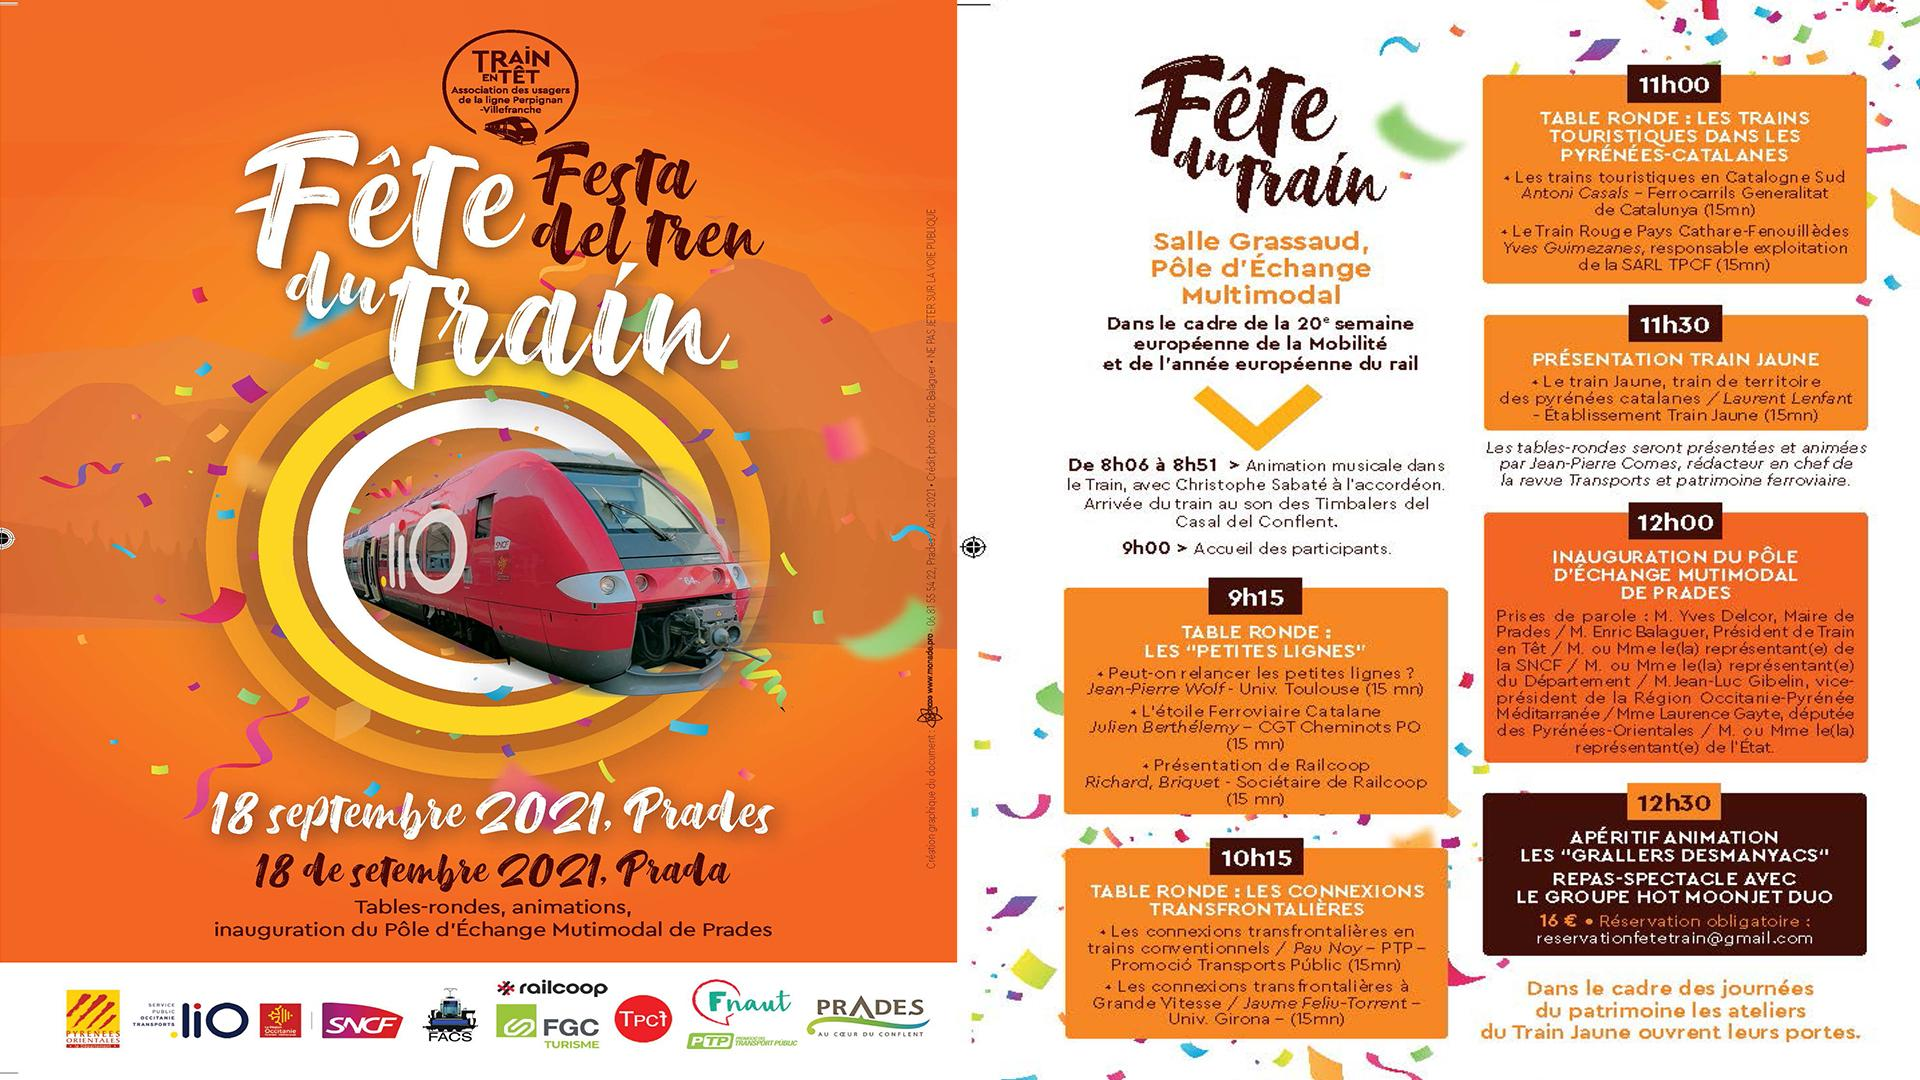 Affiche et programme fete du train prades samedi 18 septembre 2021